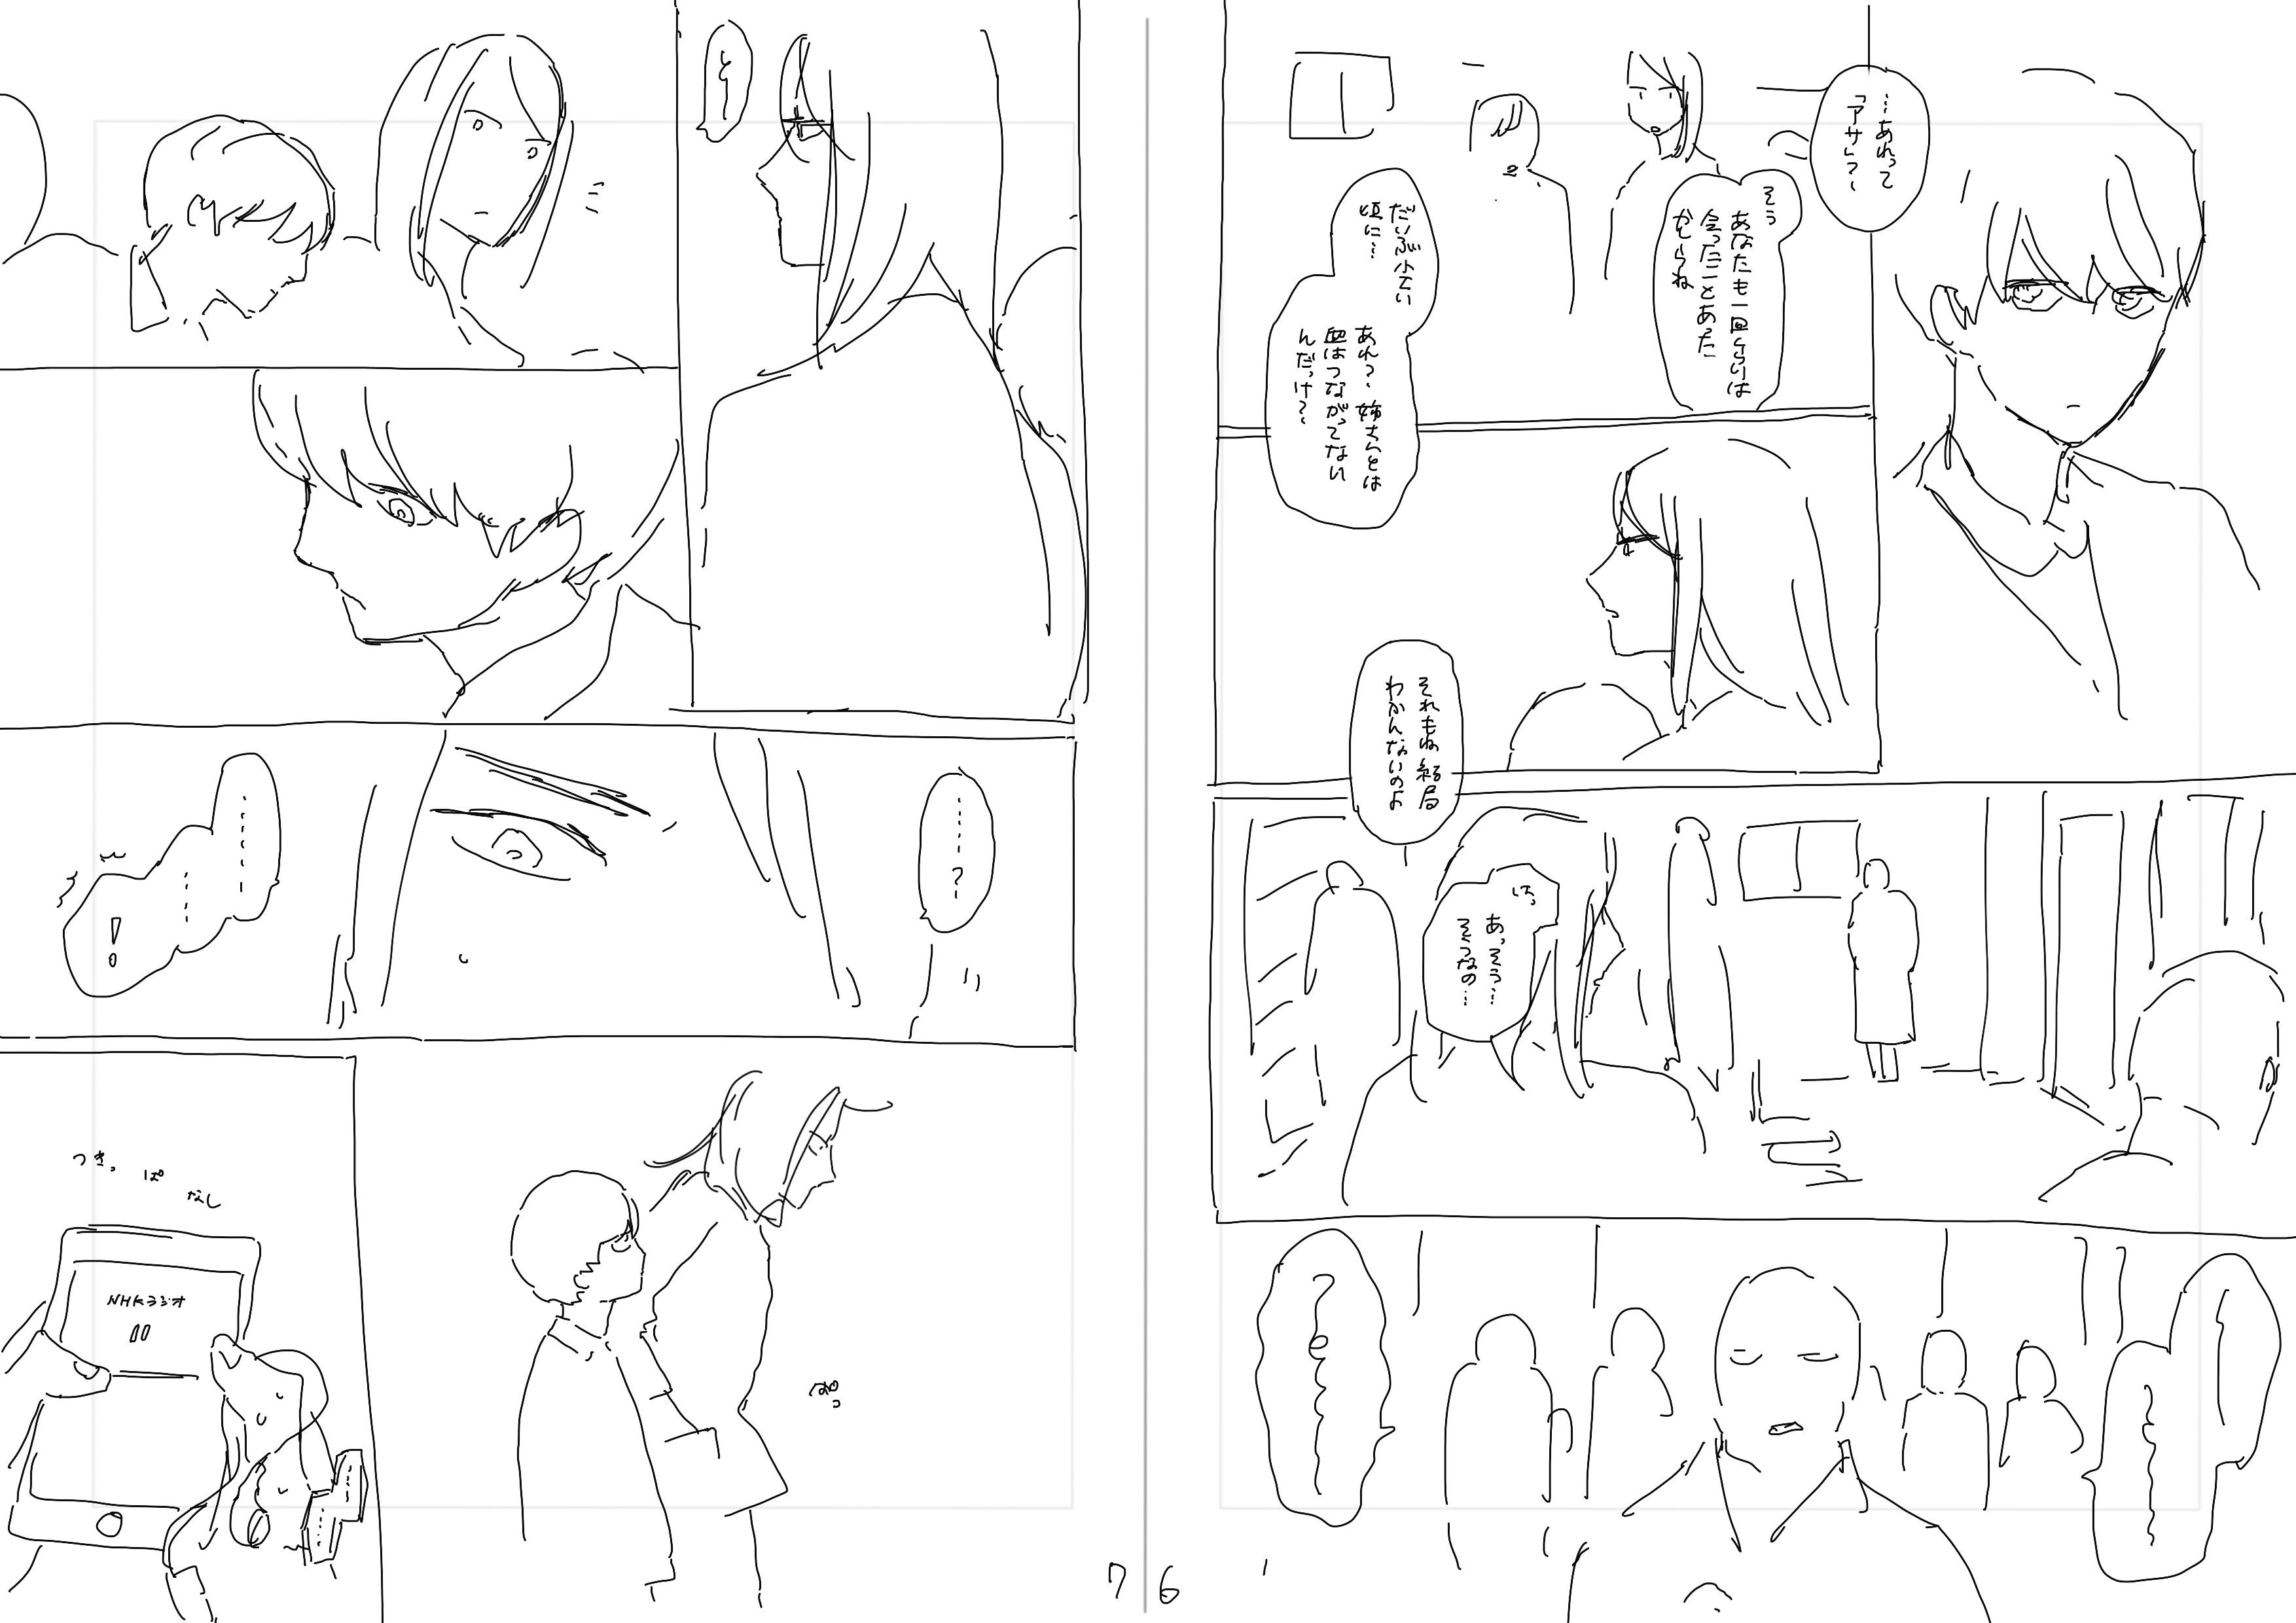 12_ny_2wa_botsu4.png